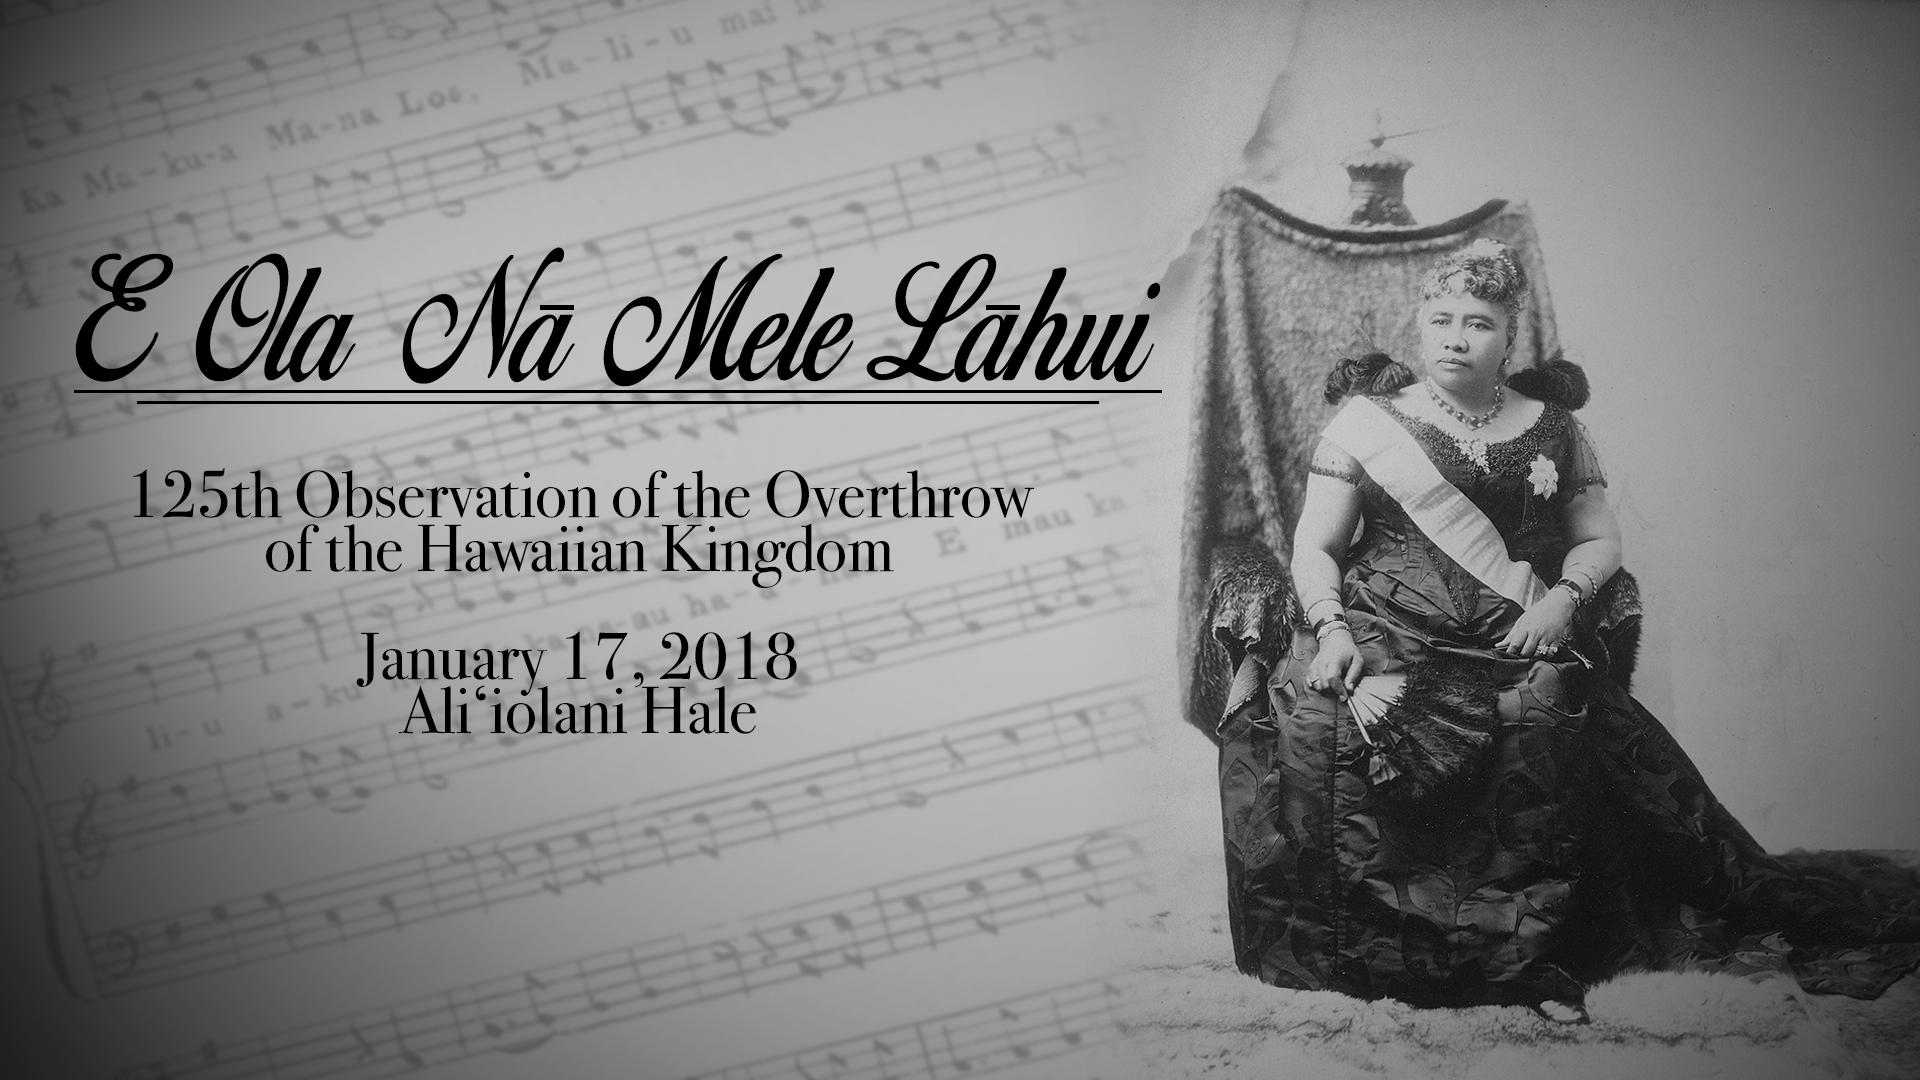 E Ola Na Mele Lahui_Title Plate